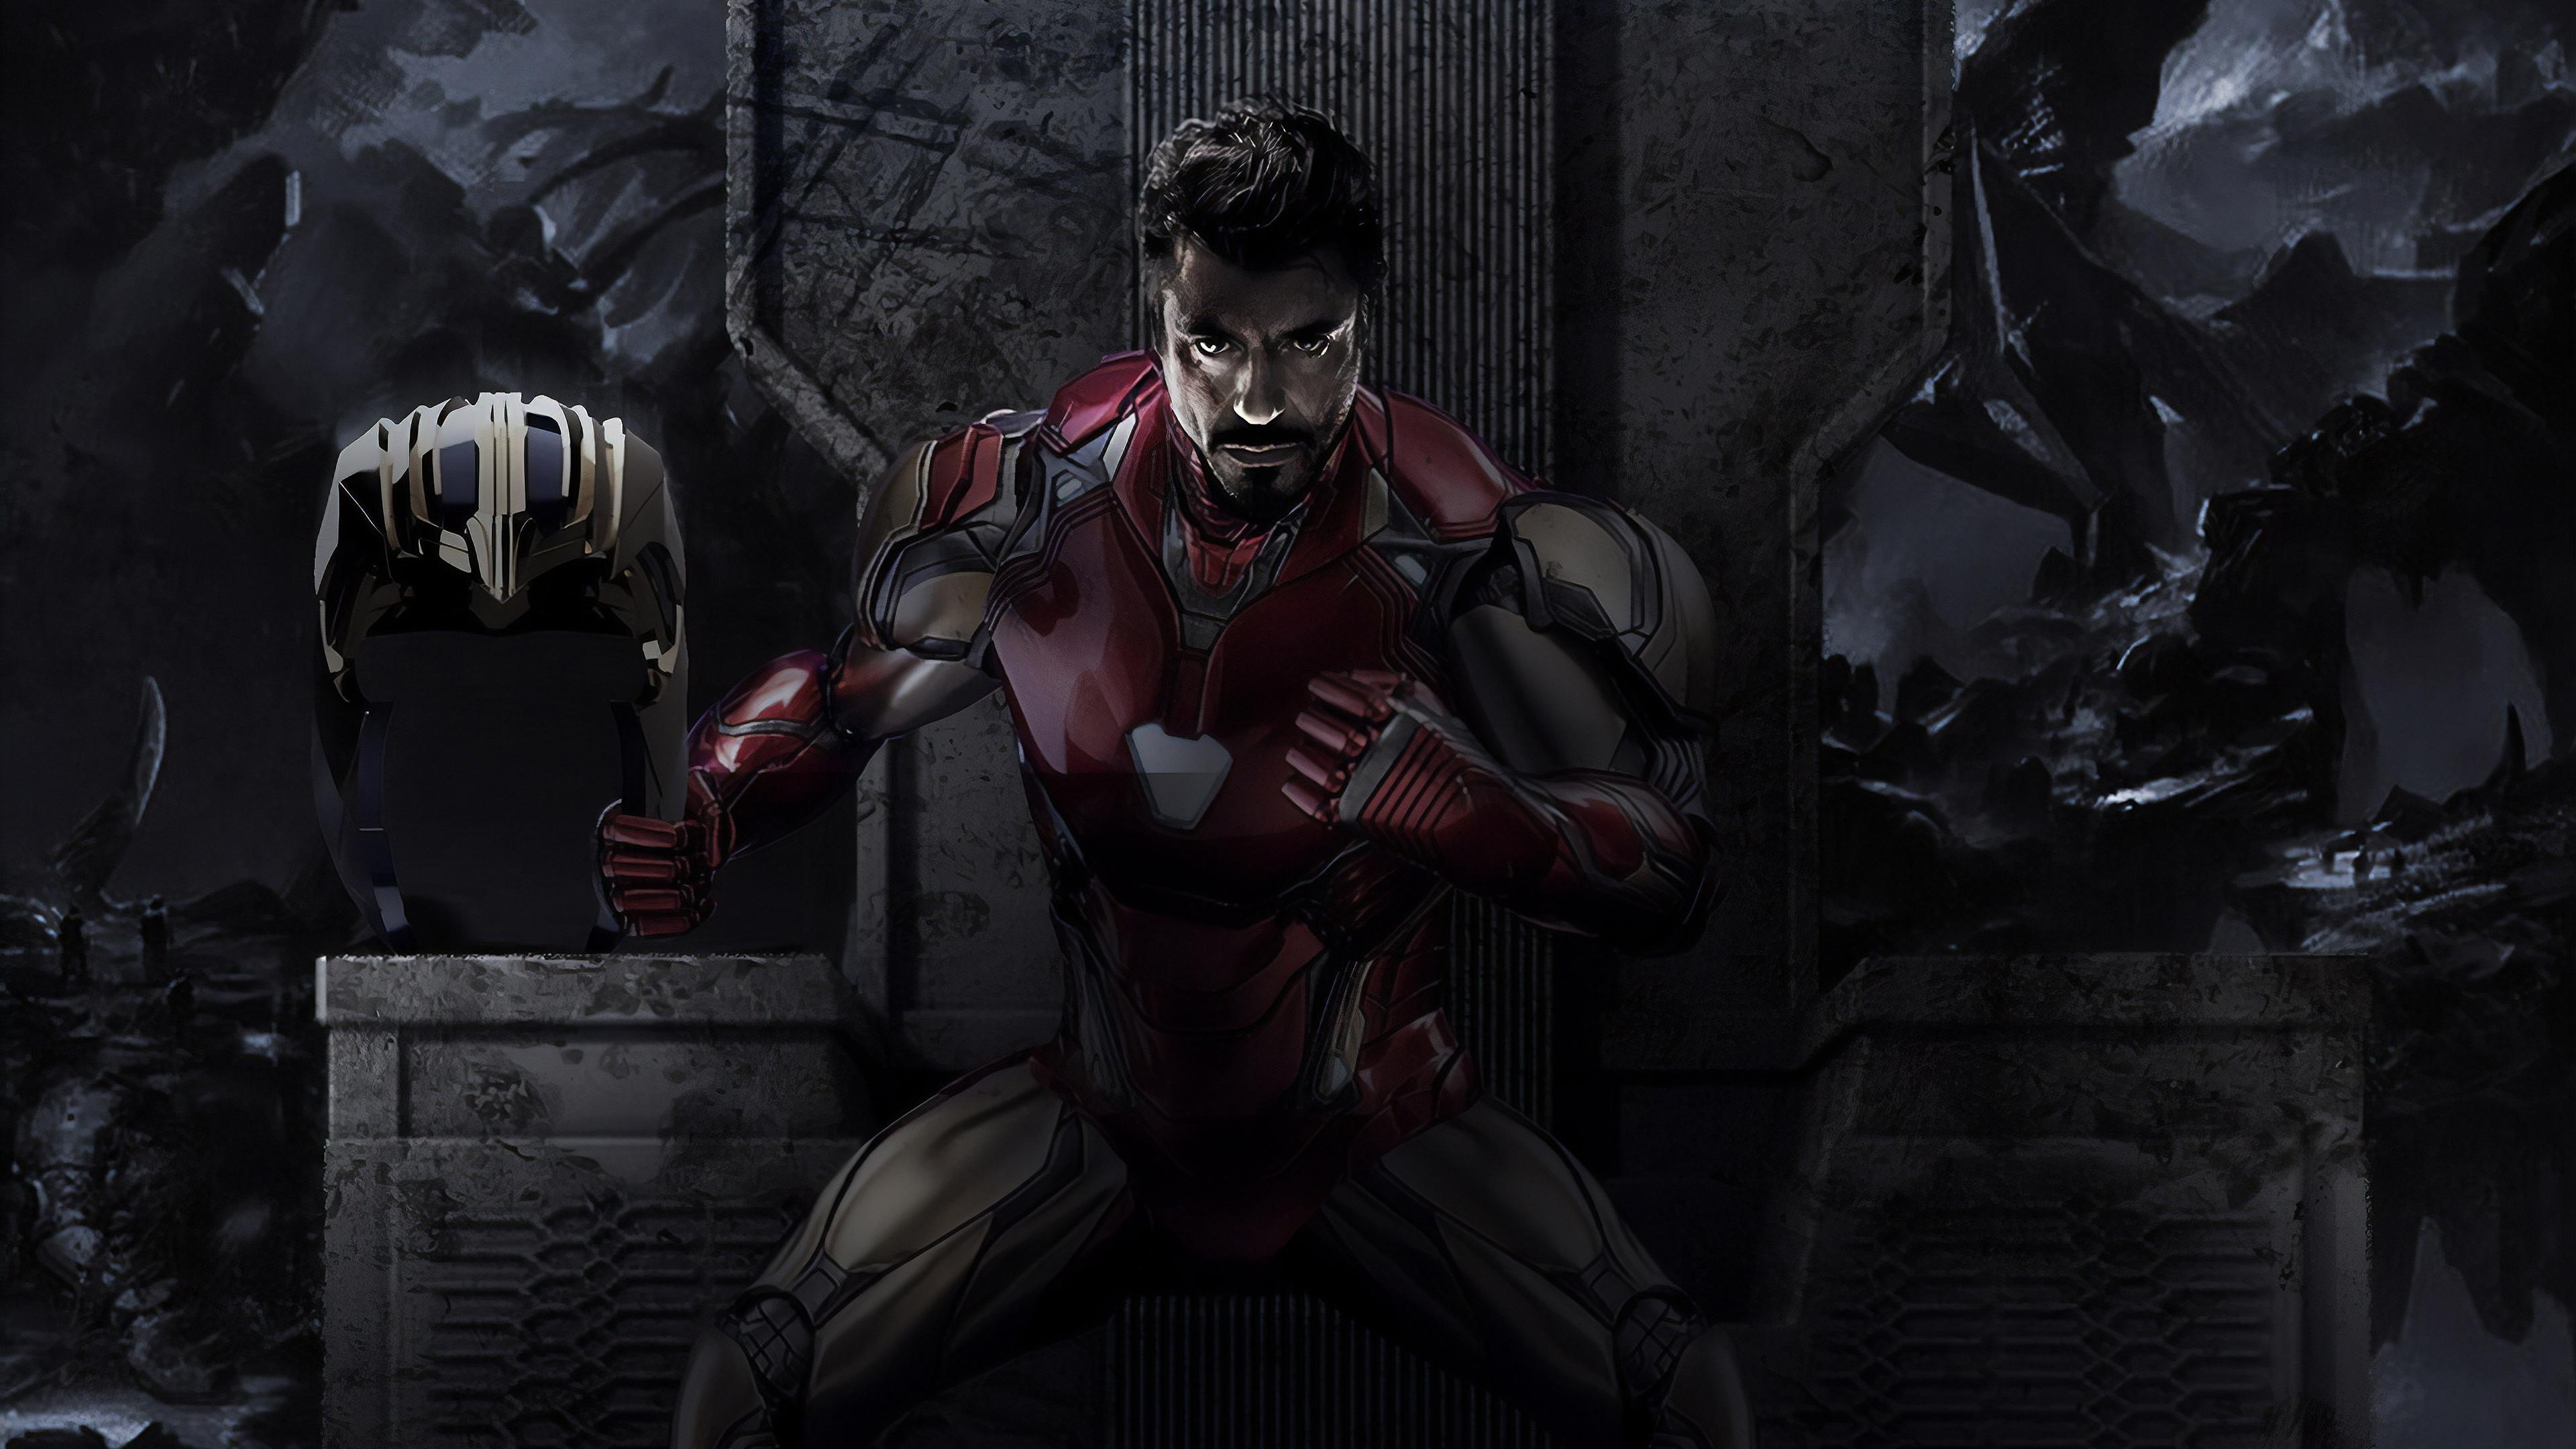 iron man endgame 4k 1562105468 - Iron Man Endgame 4k - superheroes wallpapers, iron man wallpapers, hd-wallpapers, digital art wallpapers, behance wallpapers, artwork wallpapers, 4k-wallpapers